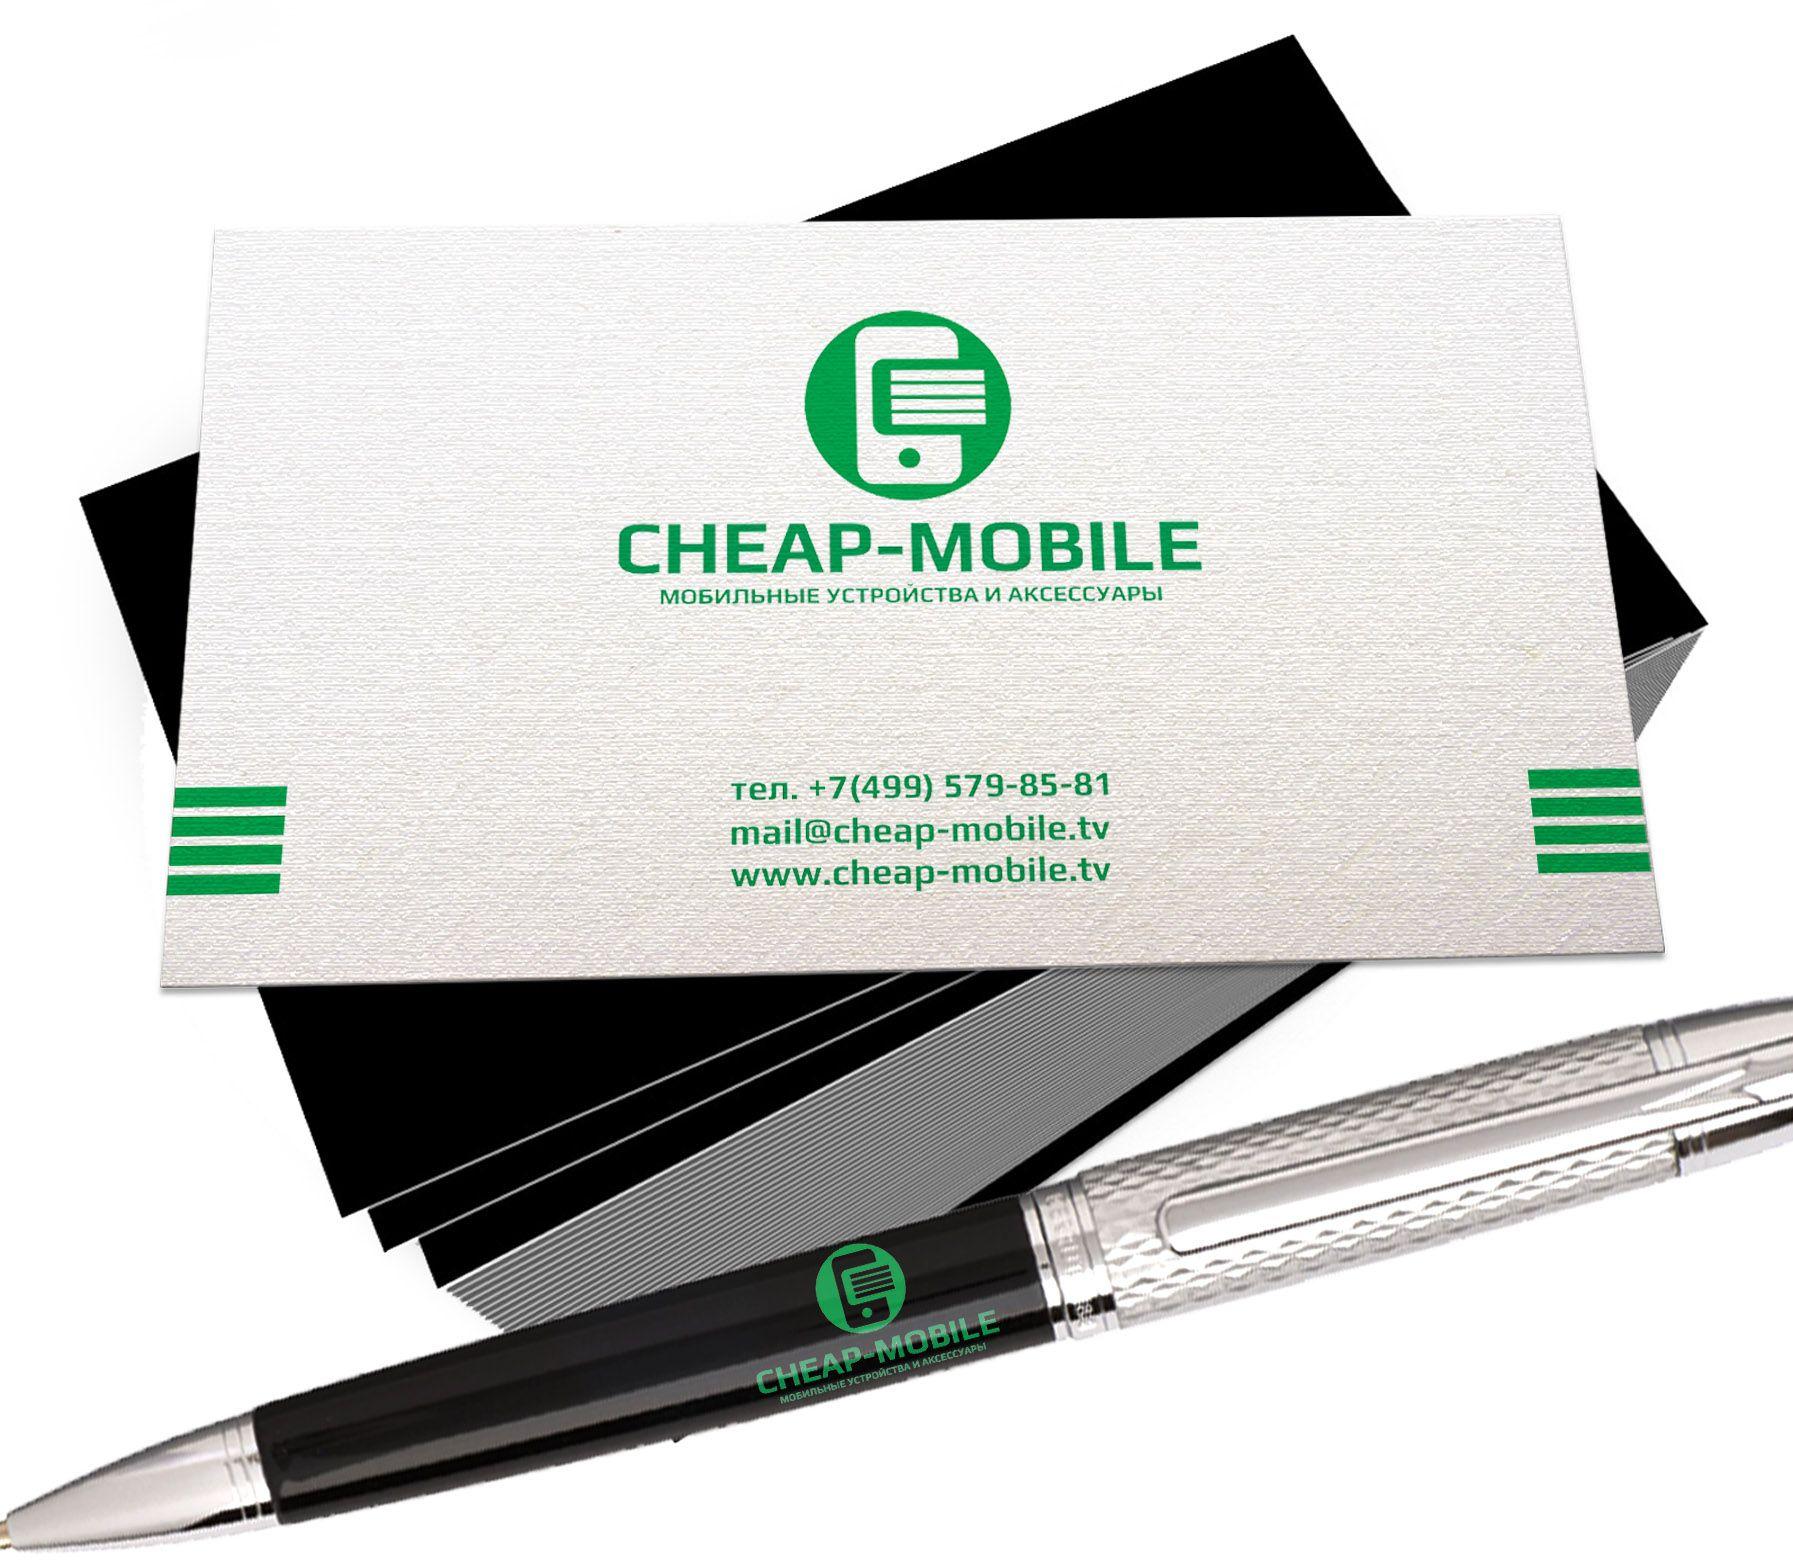 Лого и фирменный стиль для ИМ (Мобильные телефоны) - дизайнер Scorp